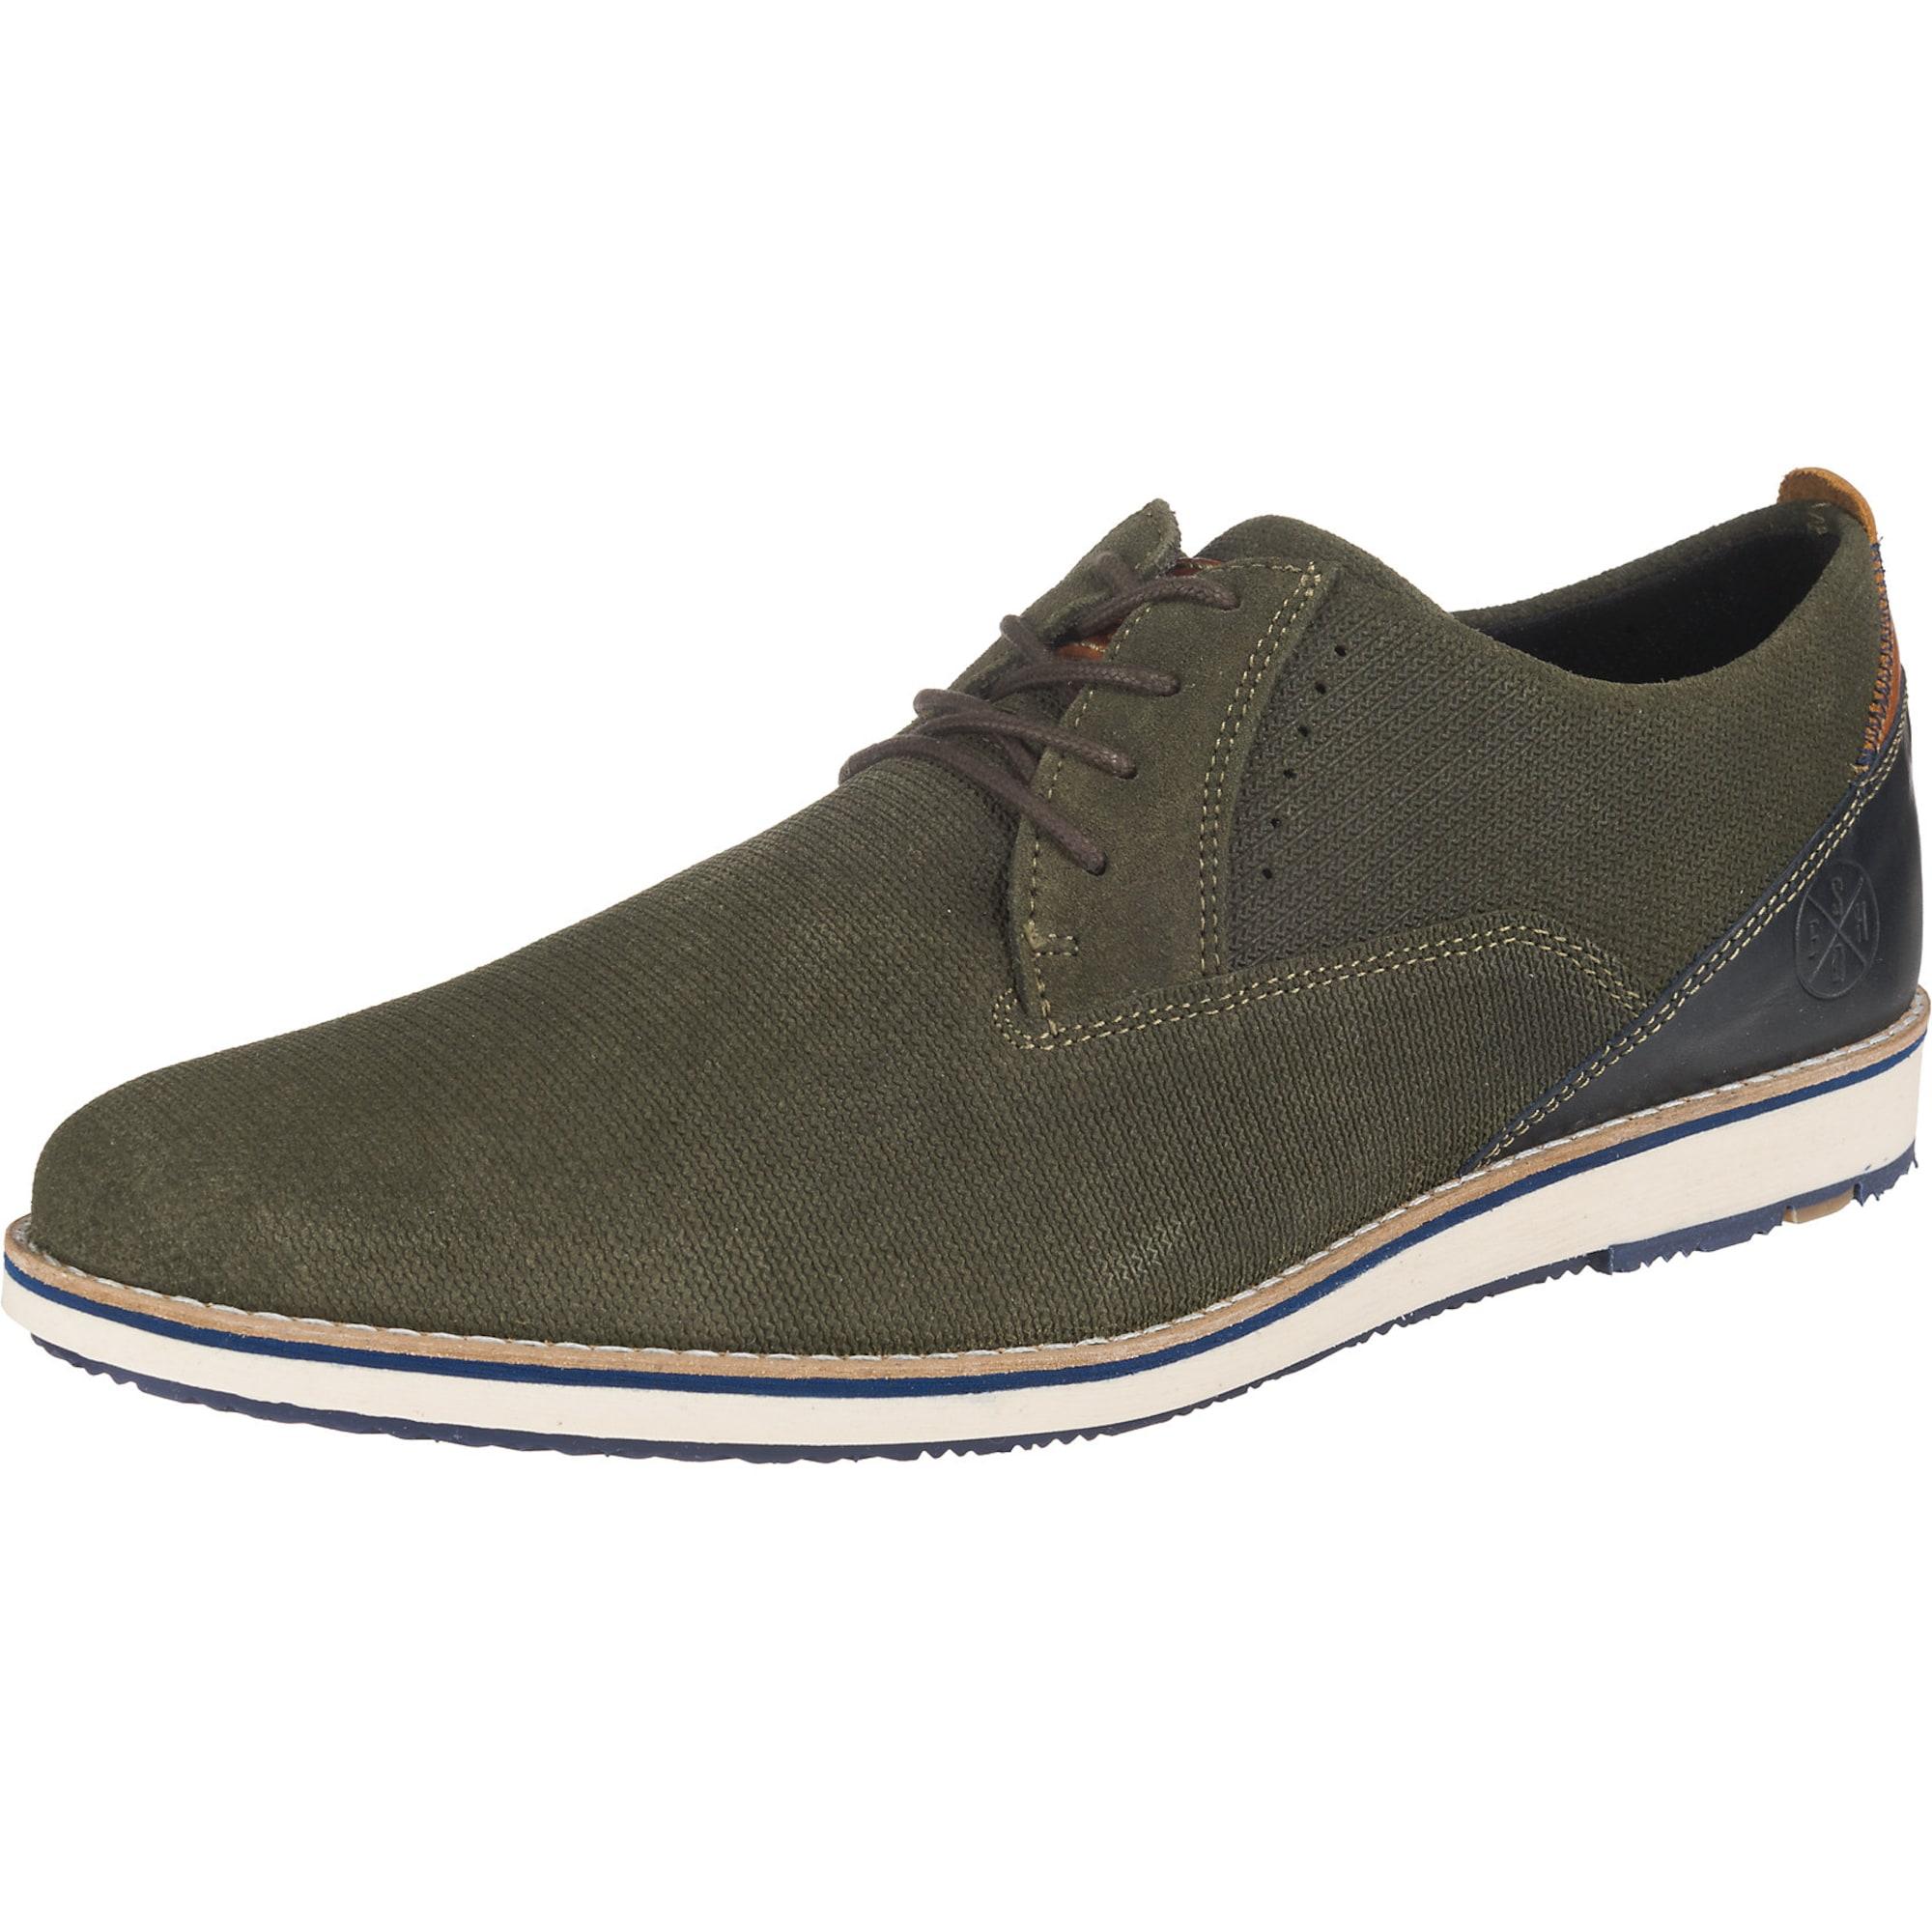 Halbschuhe | Schuhe > Boots > Boots | BULLBOXER